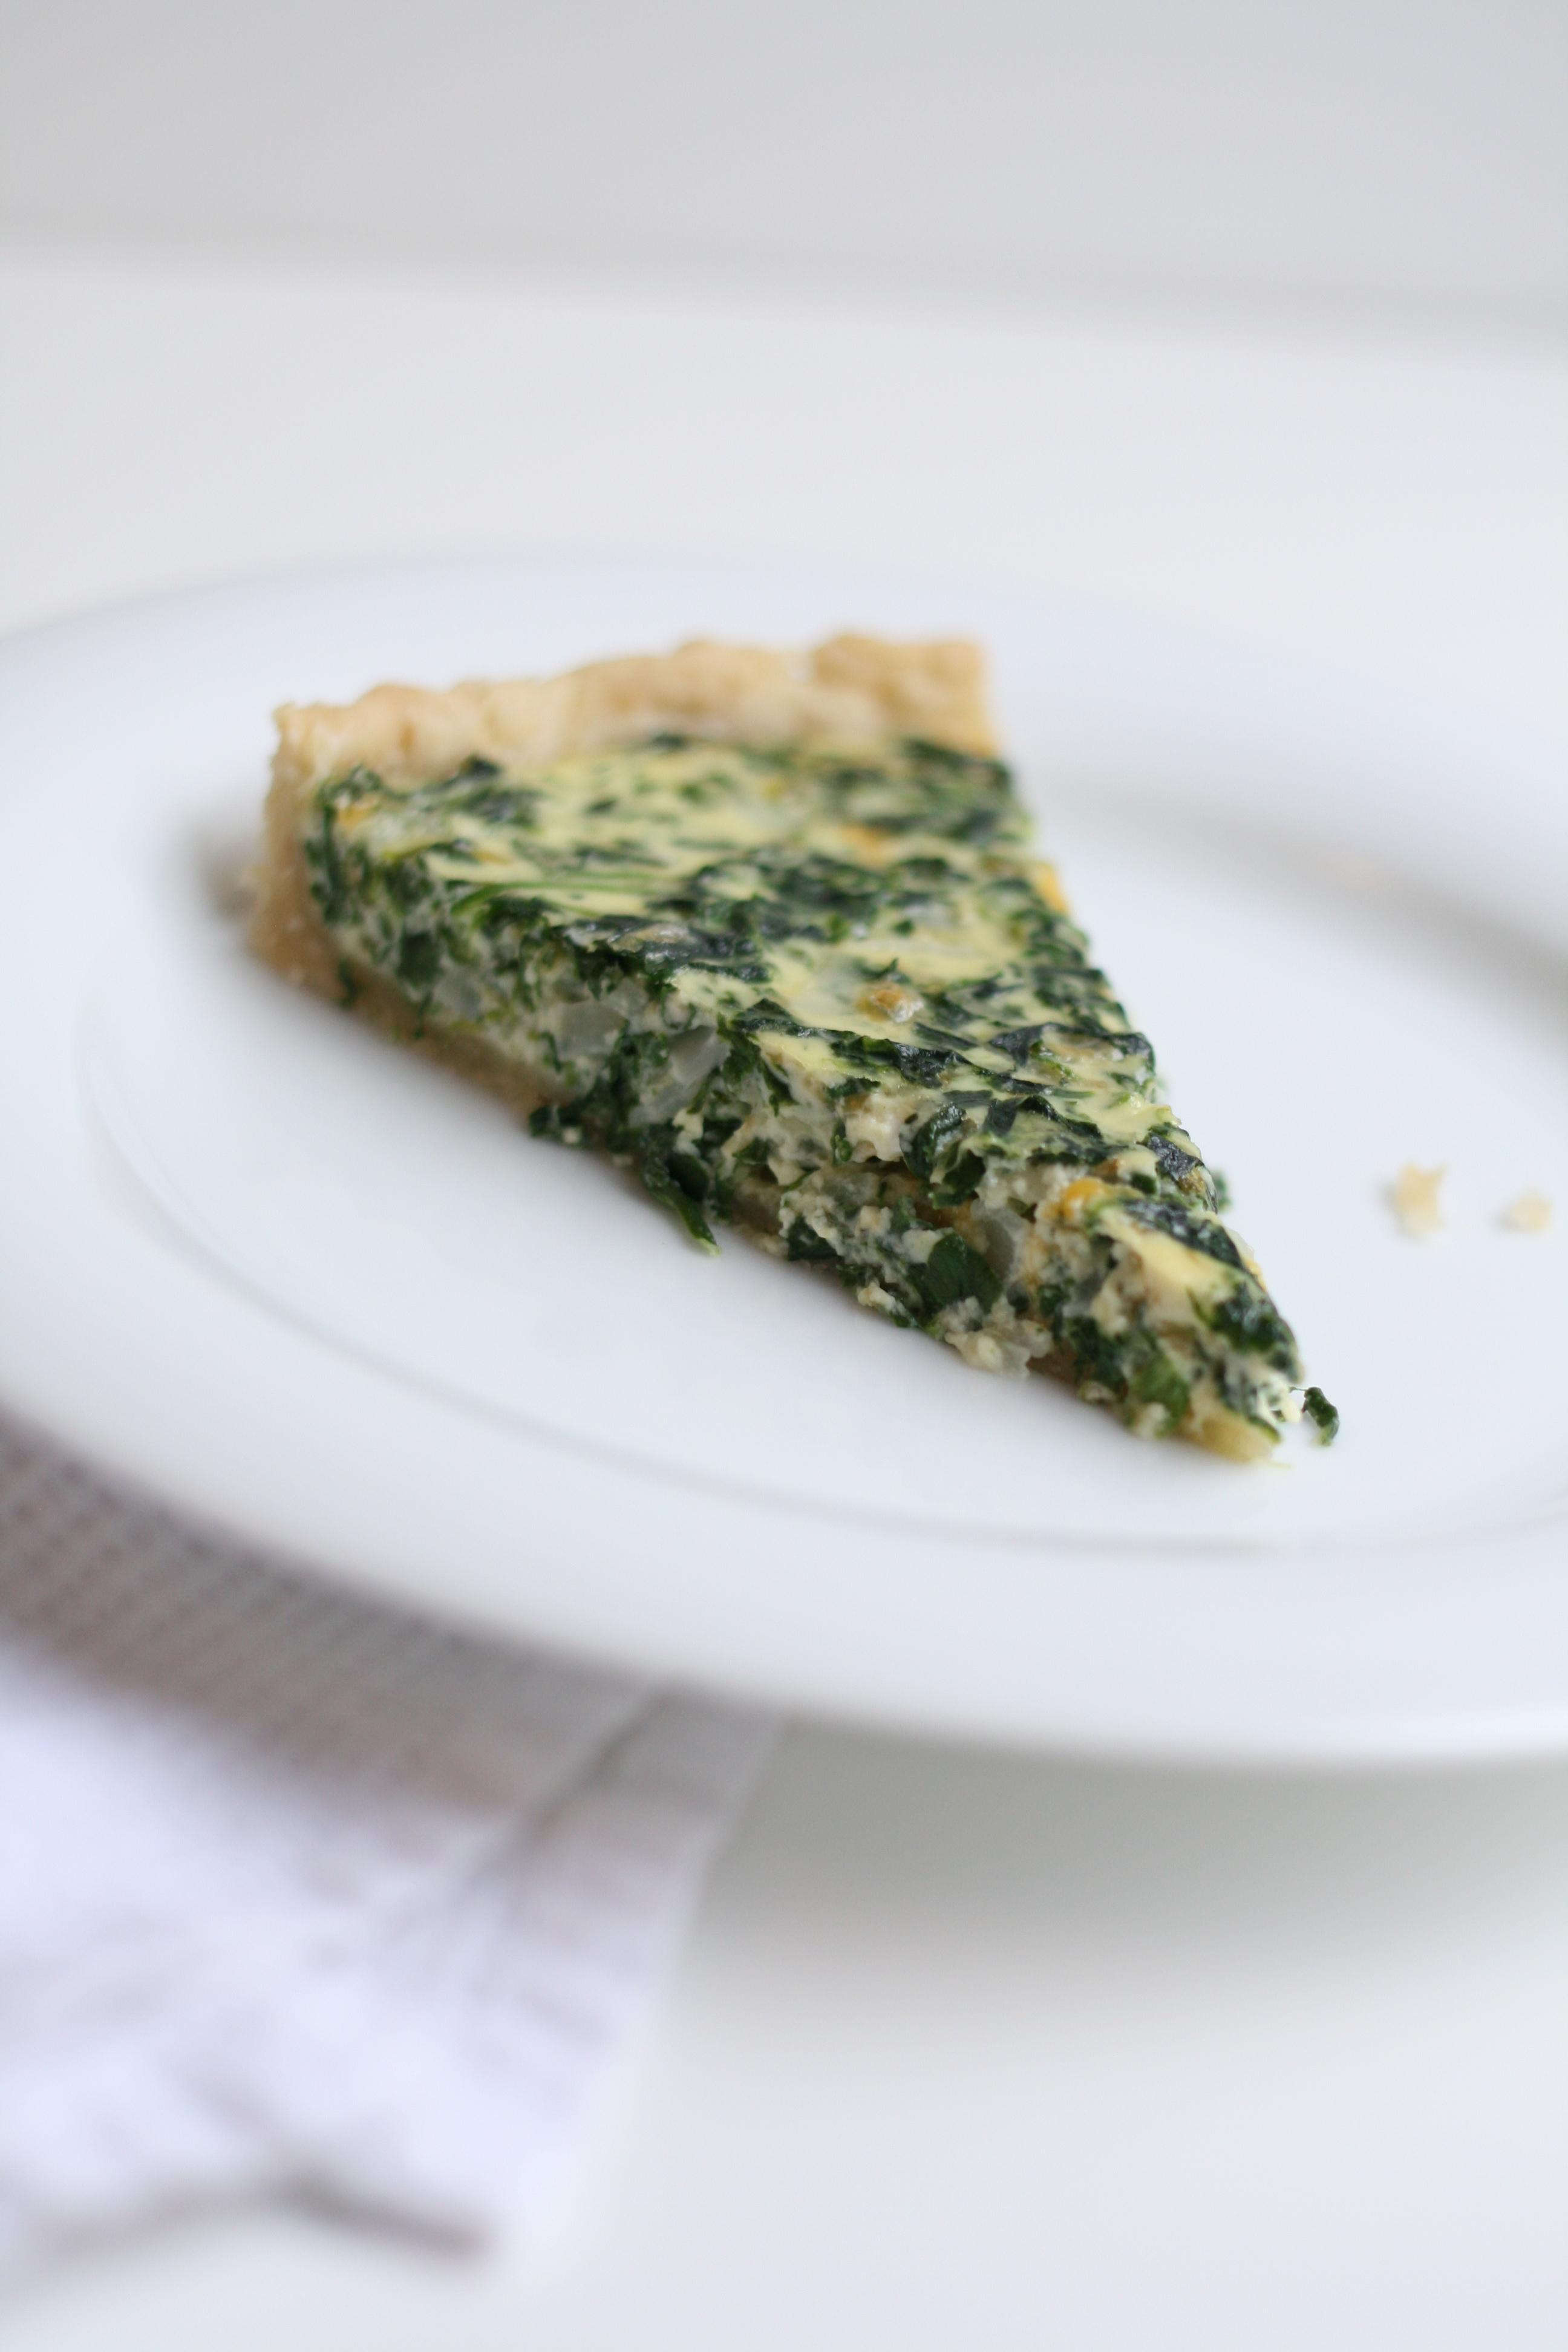 Spinach Quiche Redone - The Fauxmartha